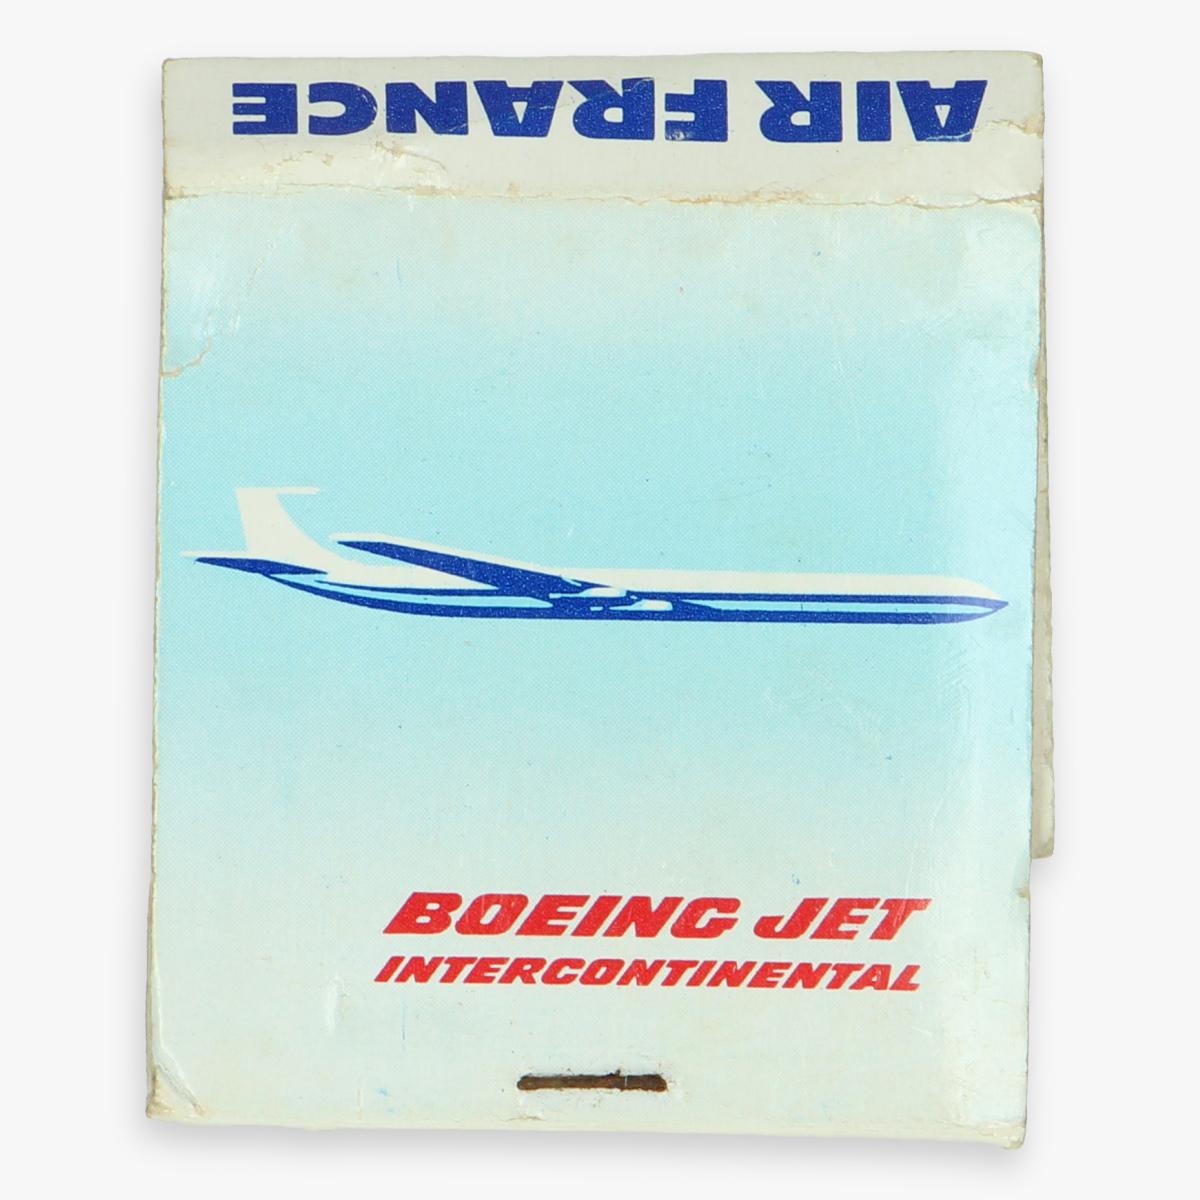 Afbeeldingen van lucifer doosje air france boeing jet intercontinental - zitten geen lucifers meer in